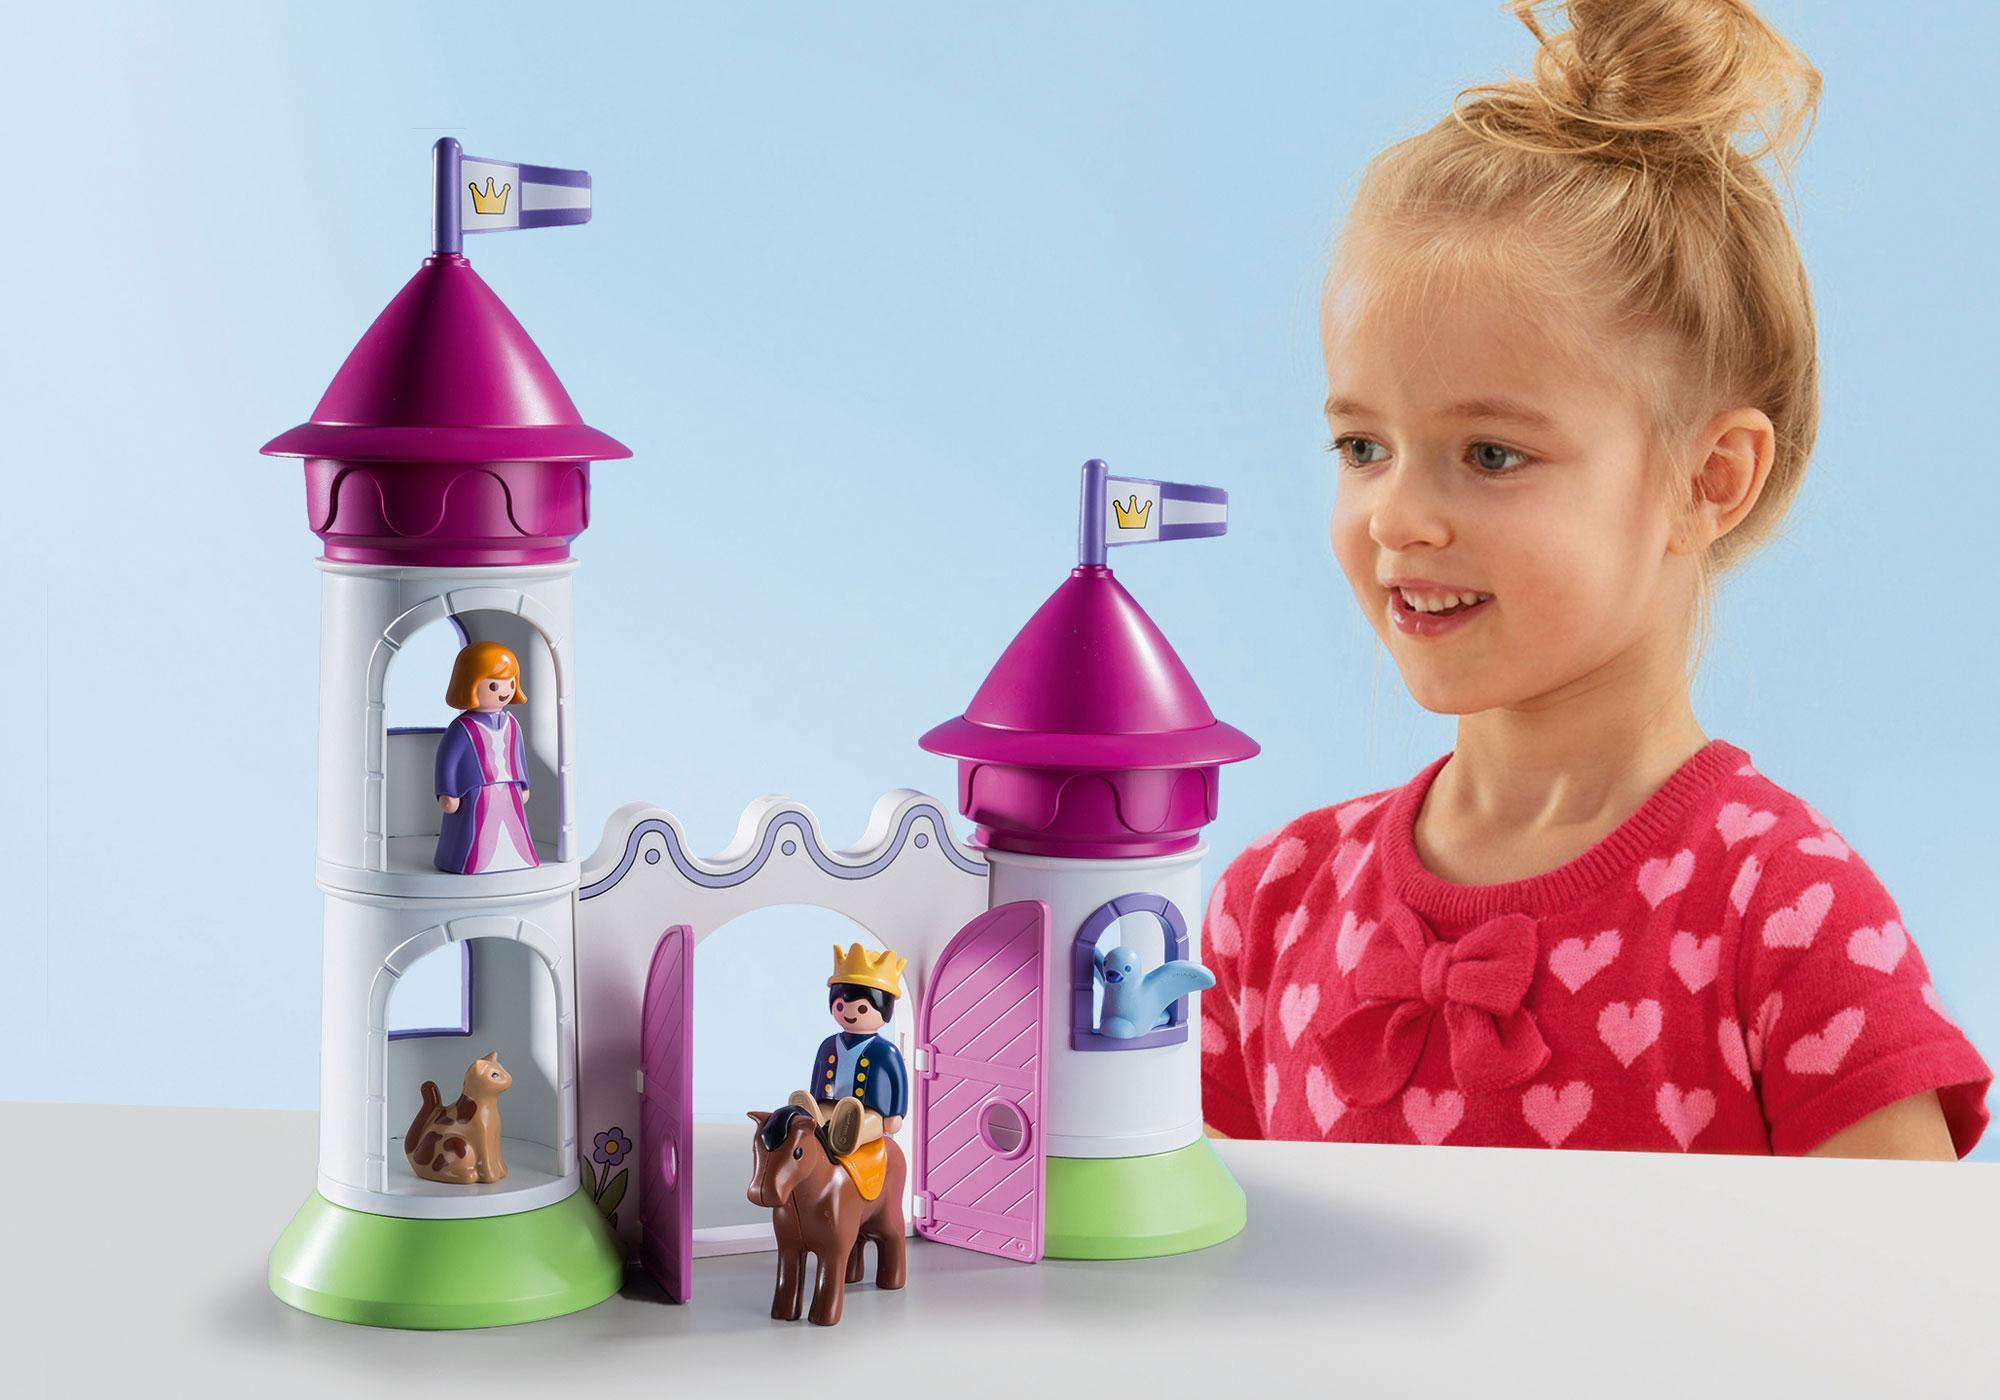 http://media.playmobil.com/i/playmobil/9389_product_extra1/Zameczek z wieżą do układania